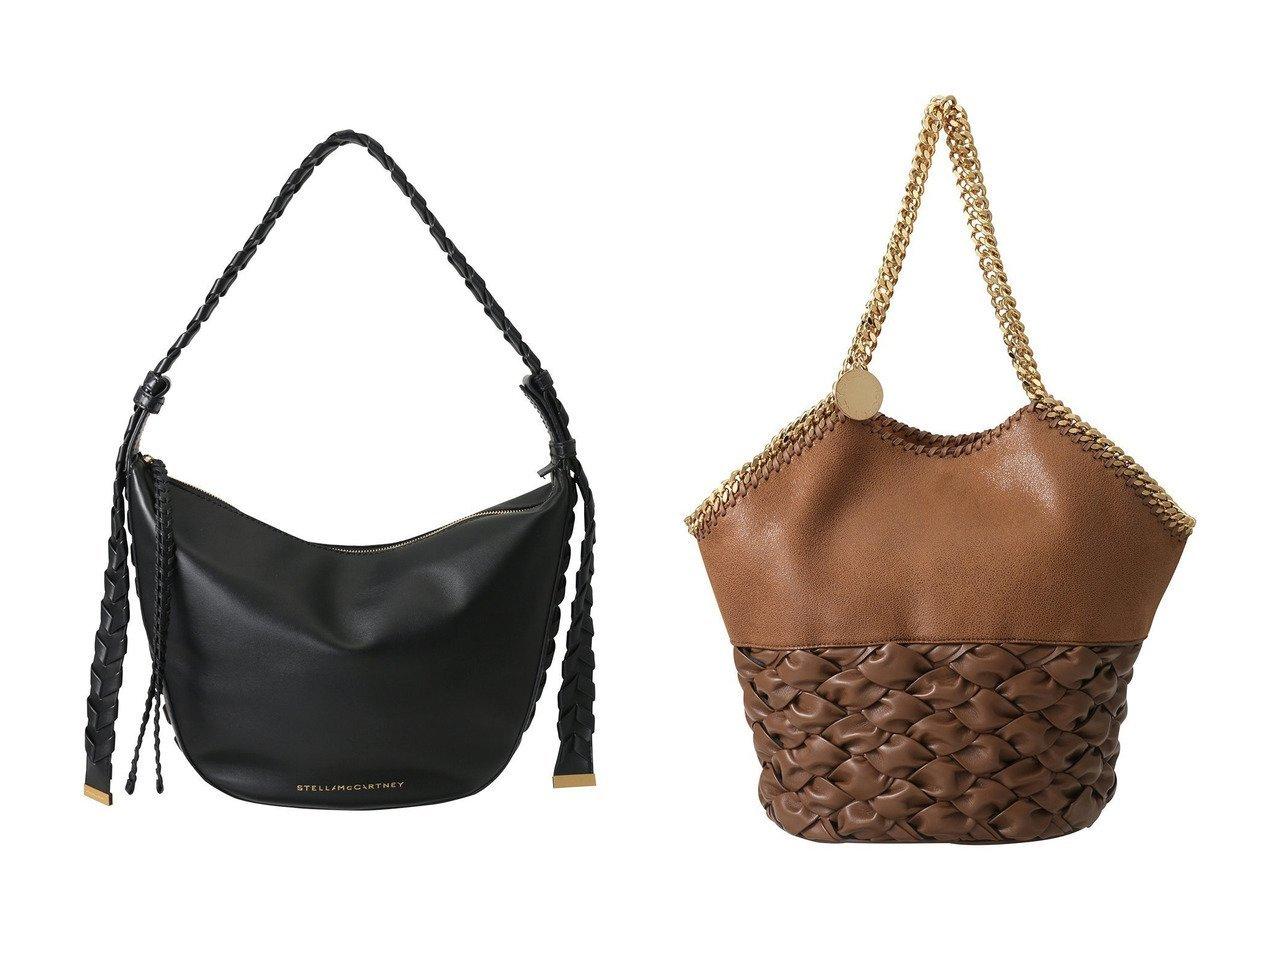 【STELLA McCARTNEY/ステラ マッカートニー】のFalabella Half&Half ミディアムトートバッグ&Medium Zip Eco ショルダーバッグ 【バッグ・鞄】おすすめ!人気、トレンド・レディースファッションの通販 おすすめで人気の流行・トレンド、ファッションの通販商品 インテリア・家具・メンズファッション・キッズファッション・レディースファッション・服の通販 founy(ファニー) https://founy.com/ ファッション Fashion レディースファッション WOMEN バッグ Bag スタイリッシュ フォルム フロント ポケット ラップ シルバー チェーン ドッキング  ID:crp329100000071418